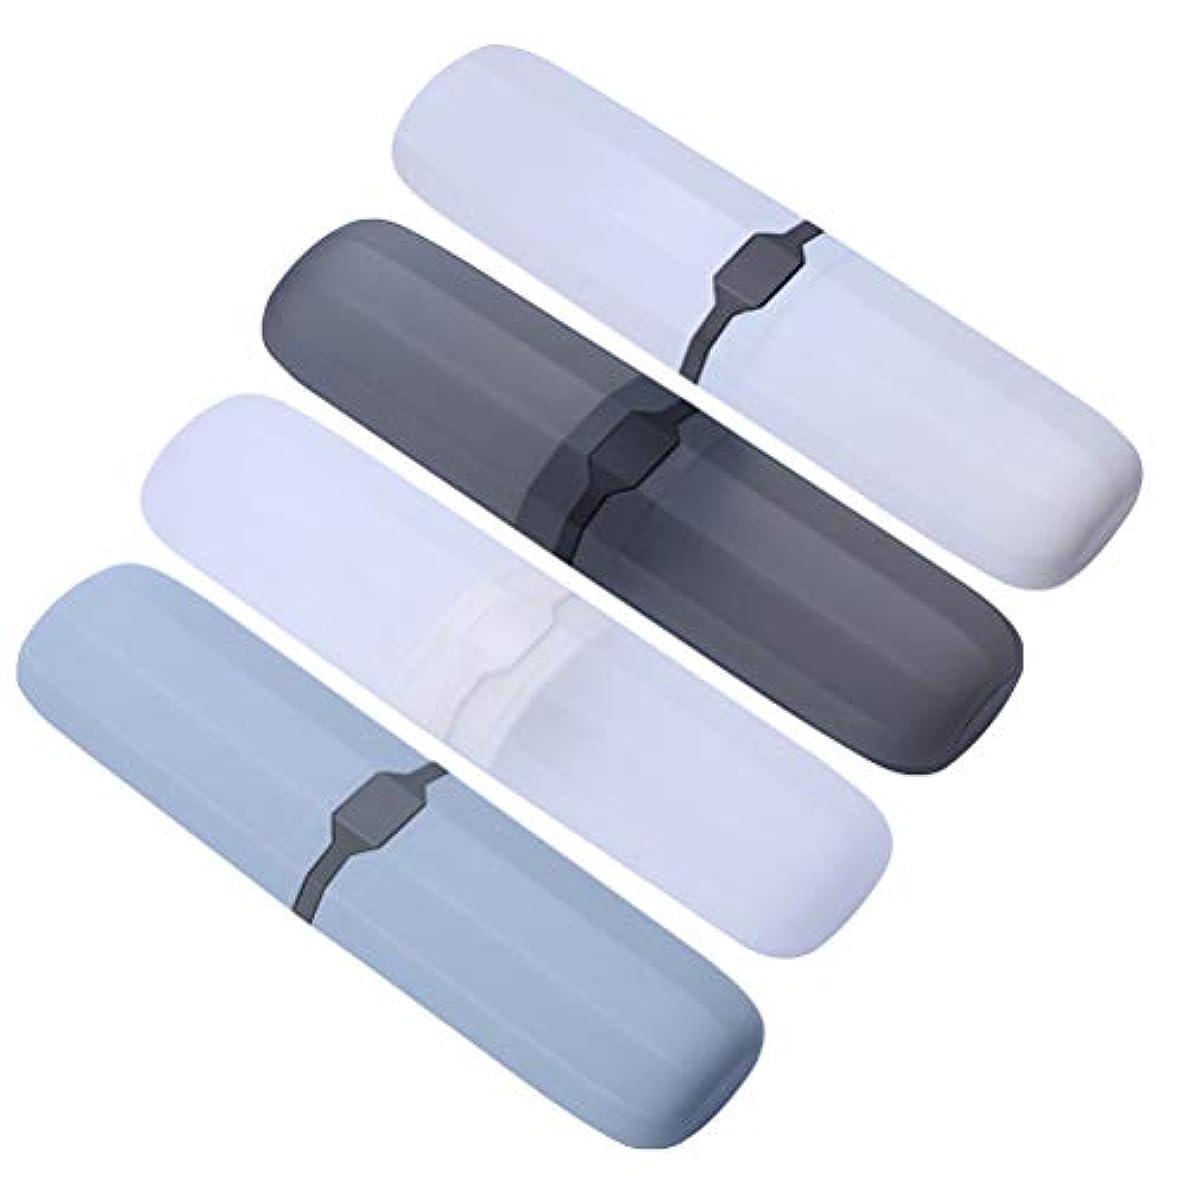 呼吸エピソード申し込むSUPVOX 4本歯ブラシホルダープラスチック歯ブラシ収納ケースオーガナイザービン